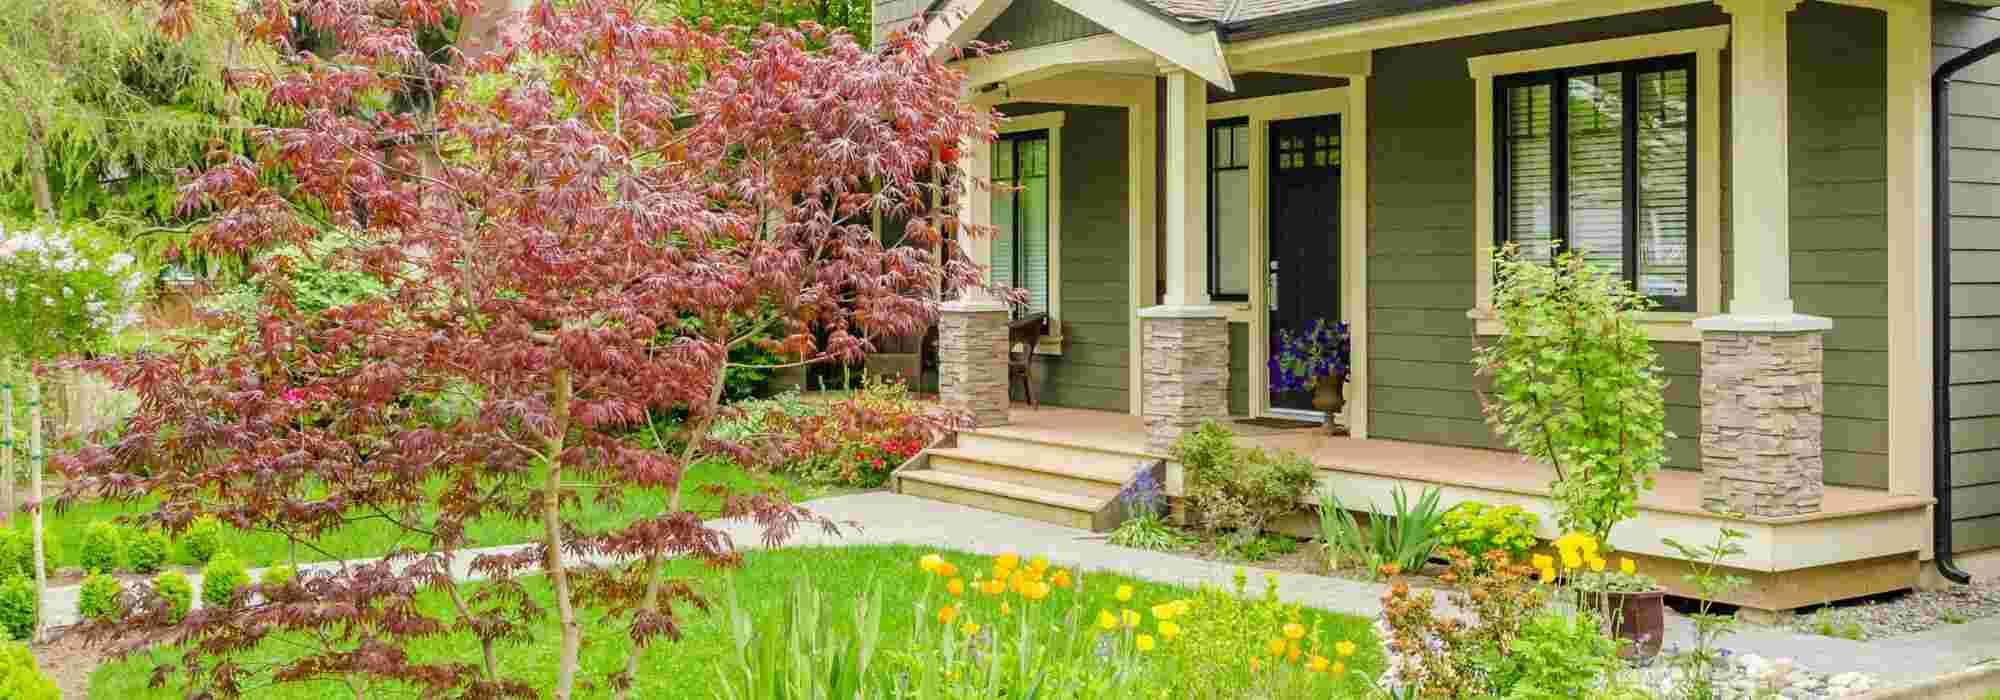 Aménager Un Jardin Devant Une Maison - Conseils De Paysagiste à Jardin Devant Maison